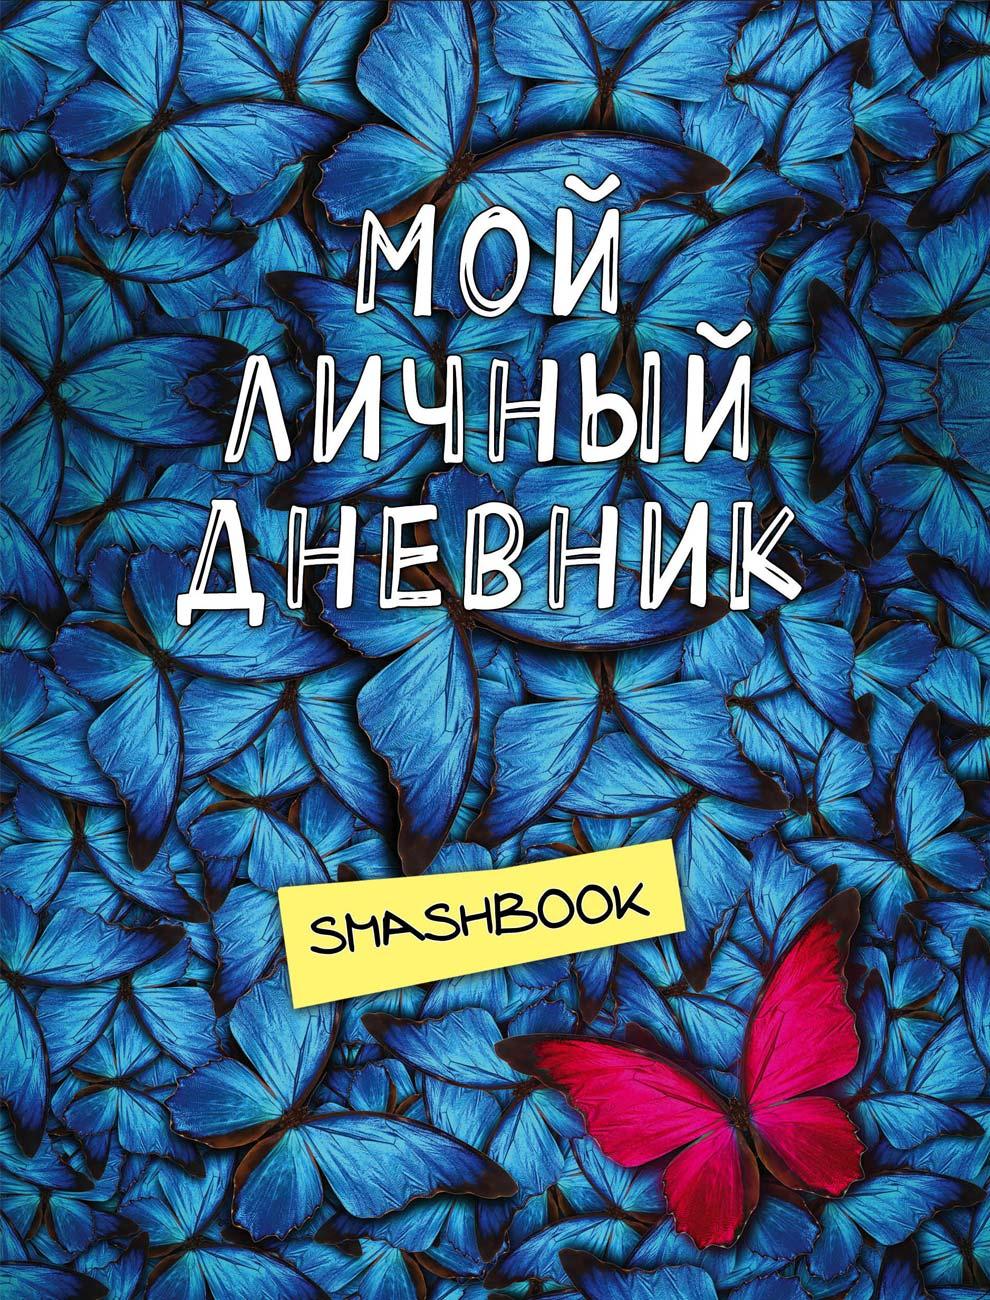 Фон для лицевой обложки личного дневника 1